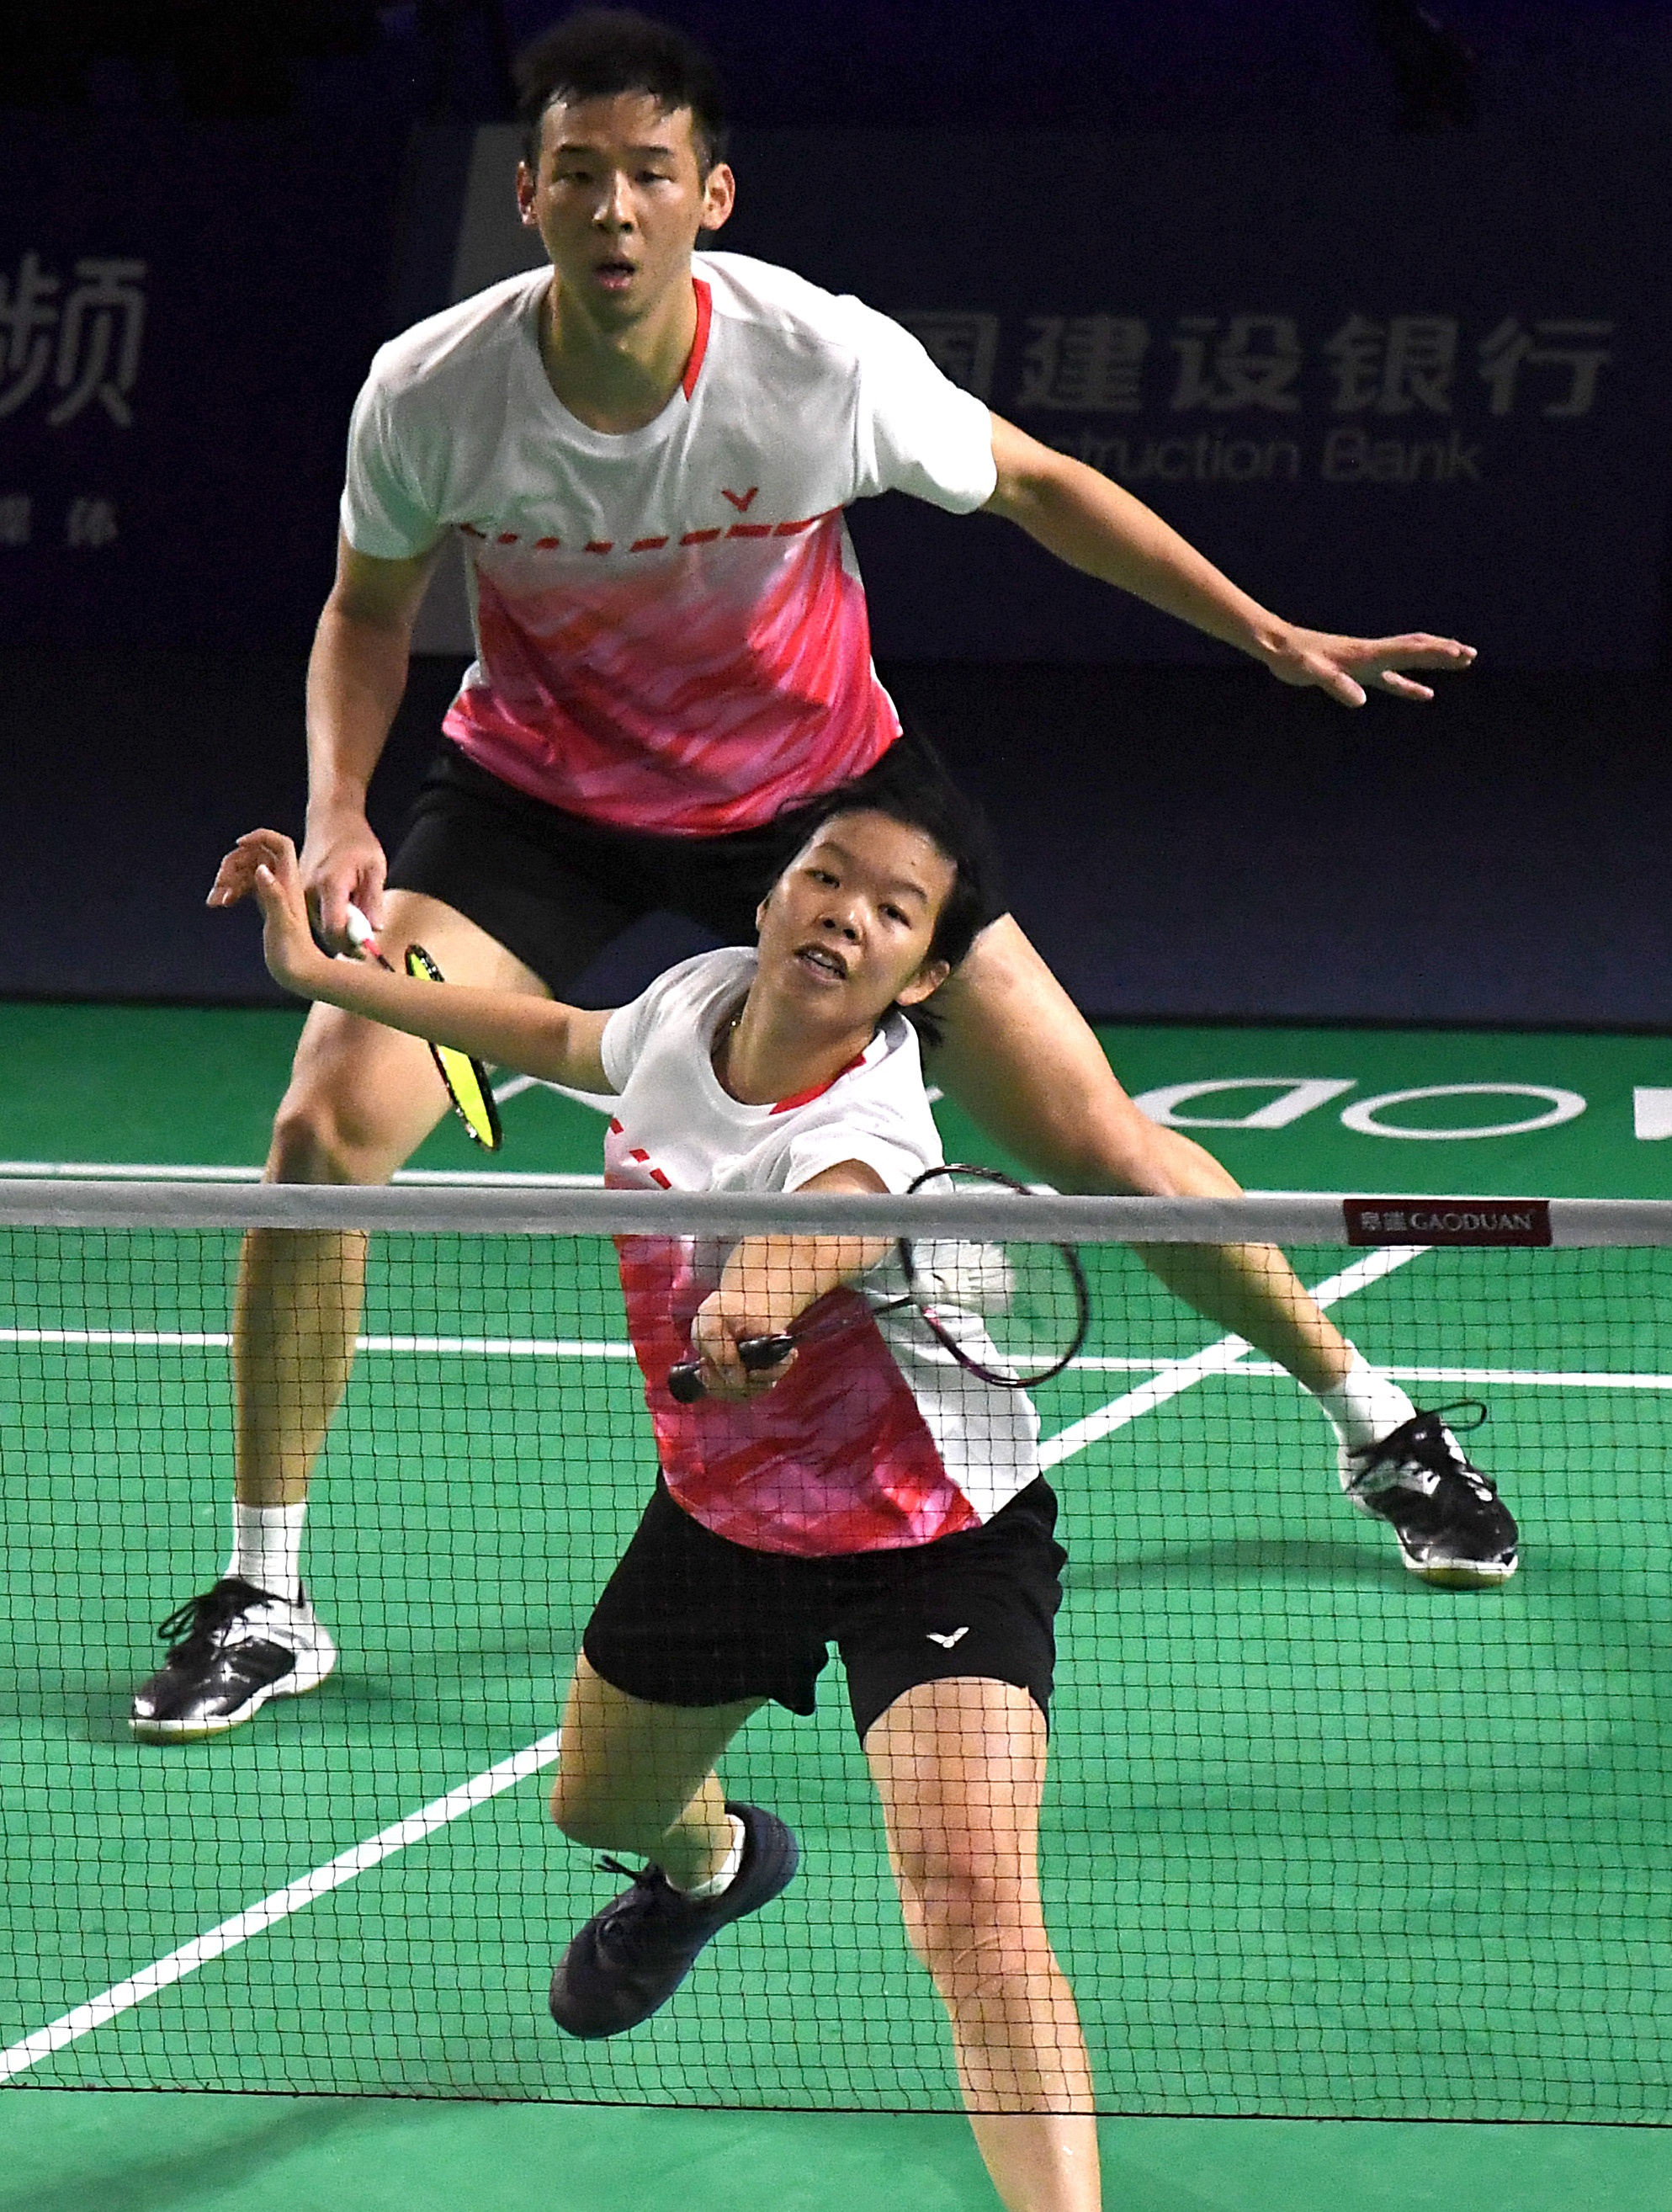 羽毛球——全国冠军赛:鲁恺/覃惠芷获混双冠军